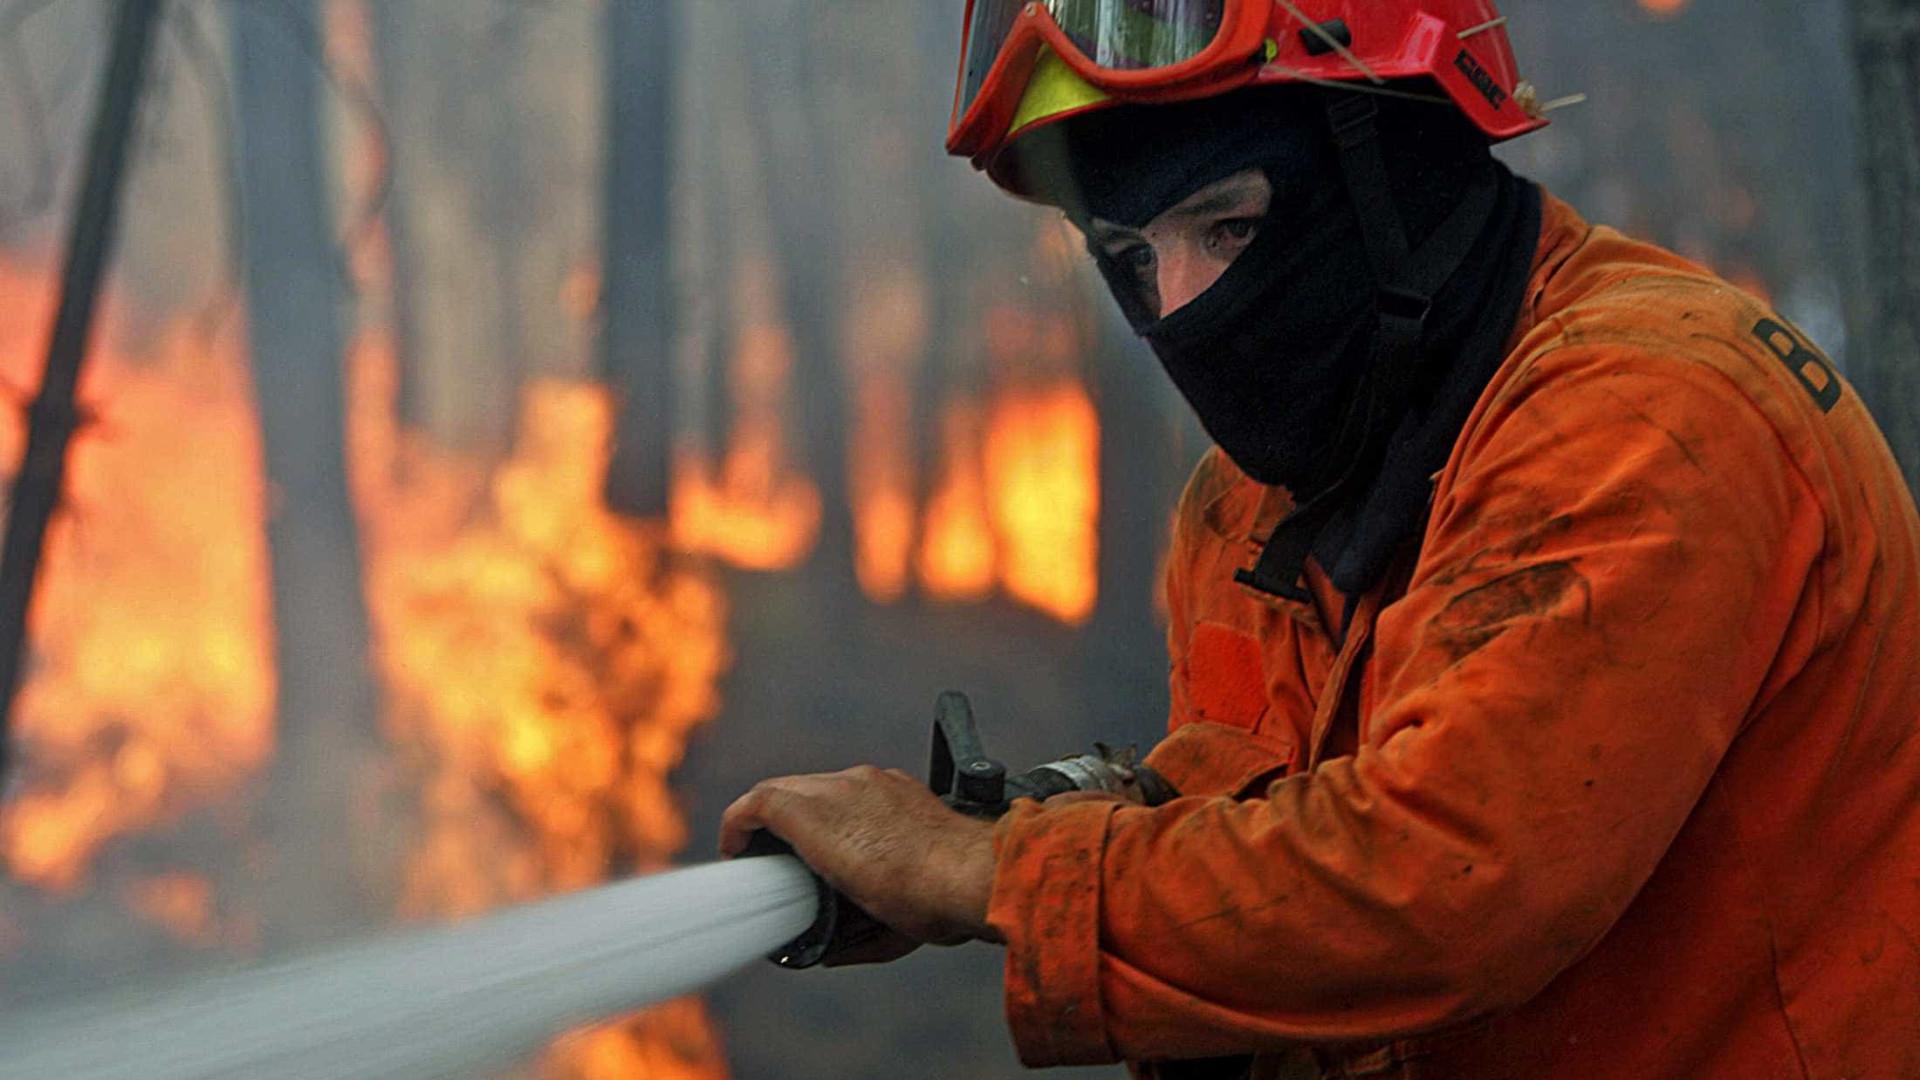 Fogos continuam ativos em Mangualde, Oleiros e Guarda mas começam a ceder